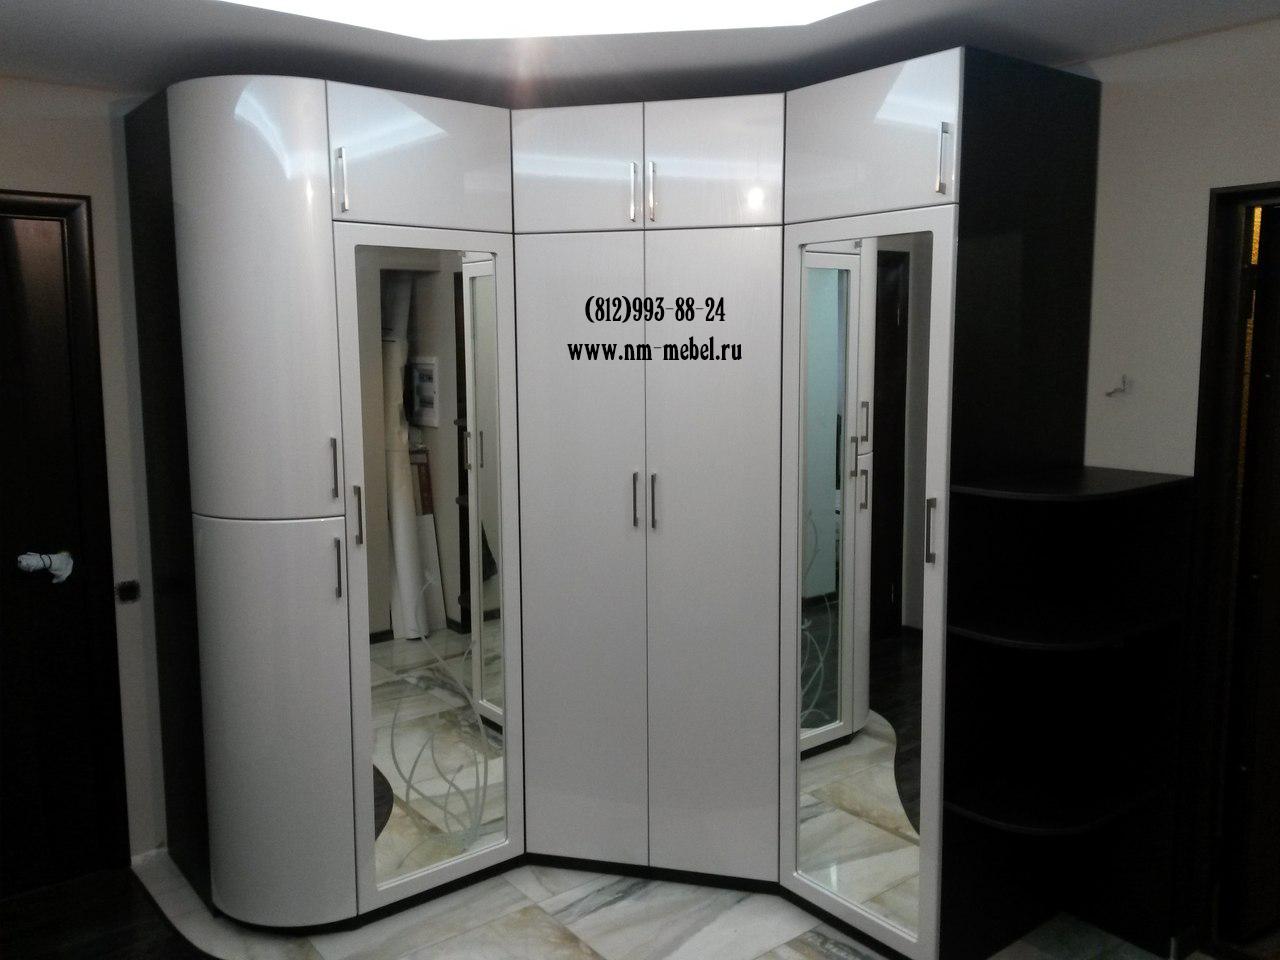 Угловые шкафы в Петербурге. Шкаф угловой в прихожую ... Шифоньер Купе